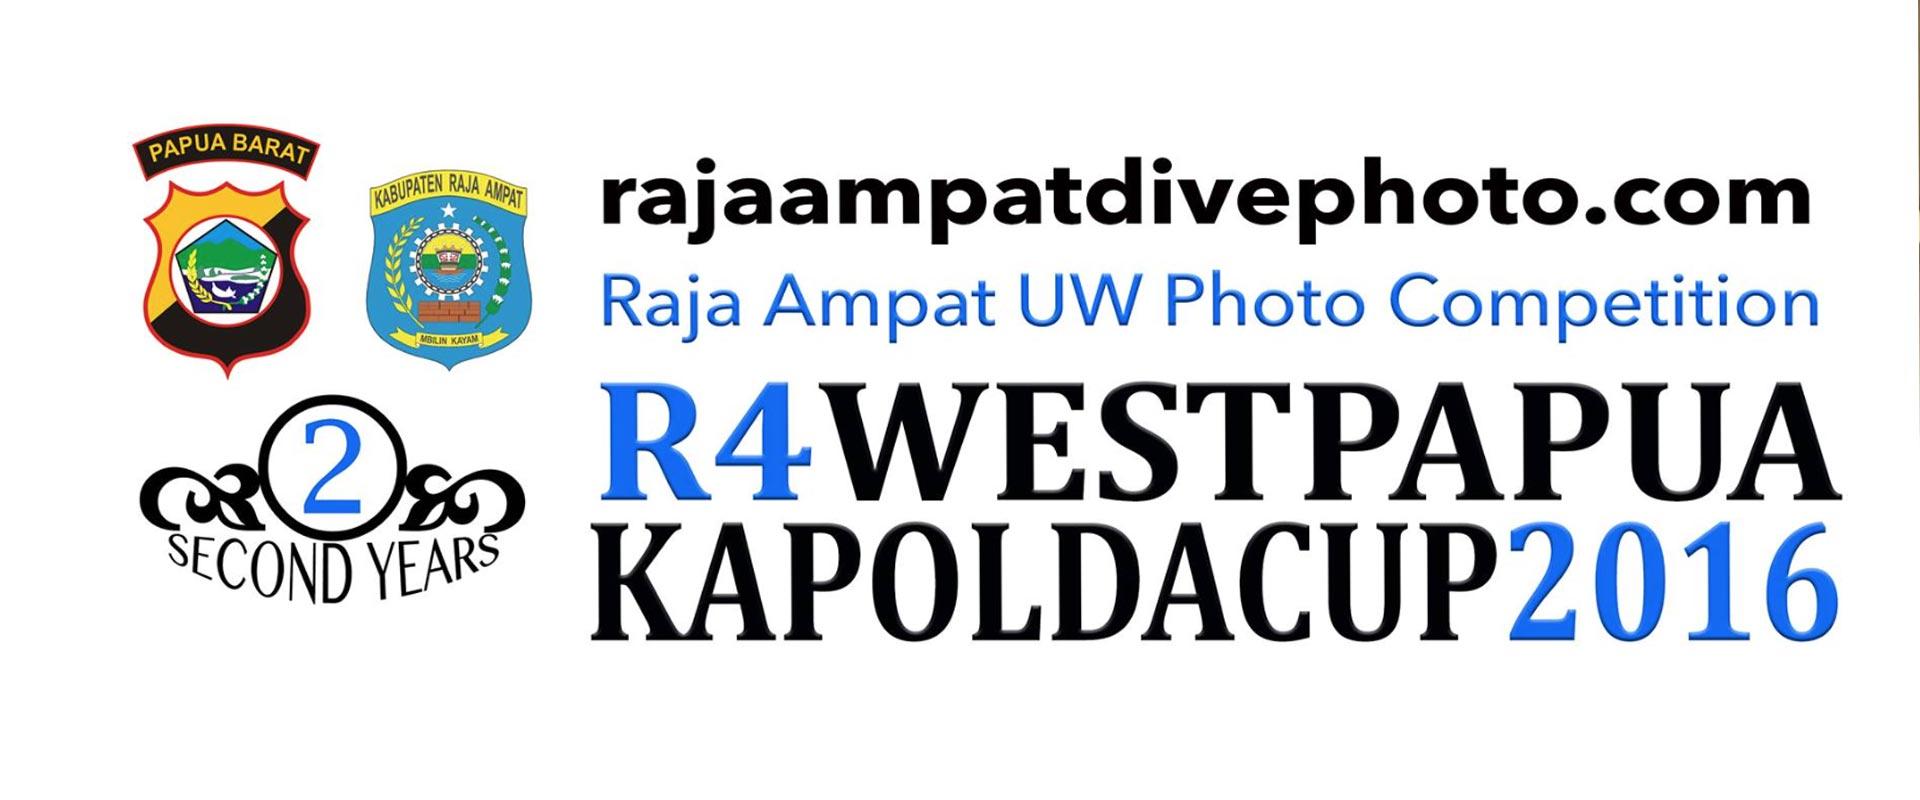 Kopalda-Cup-2016-header